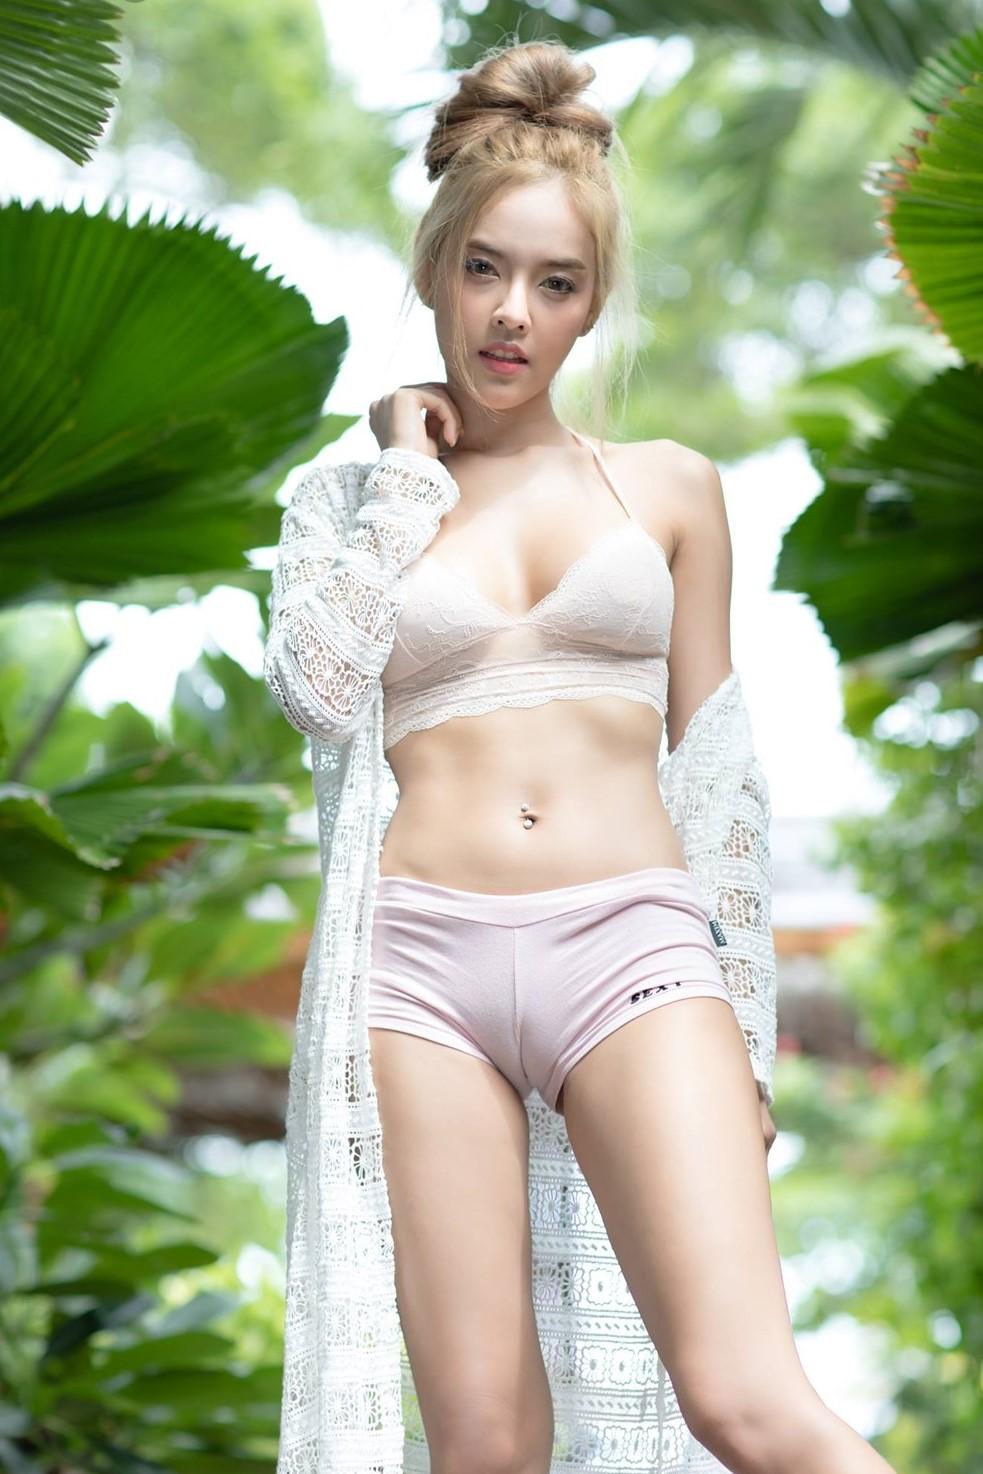 tron bo hinh nen bikini dep cho dien thoai hot nhat nam 2020 3